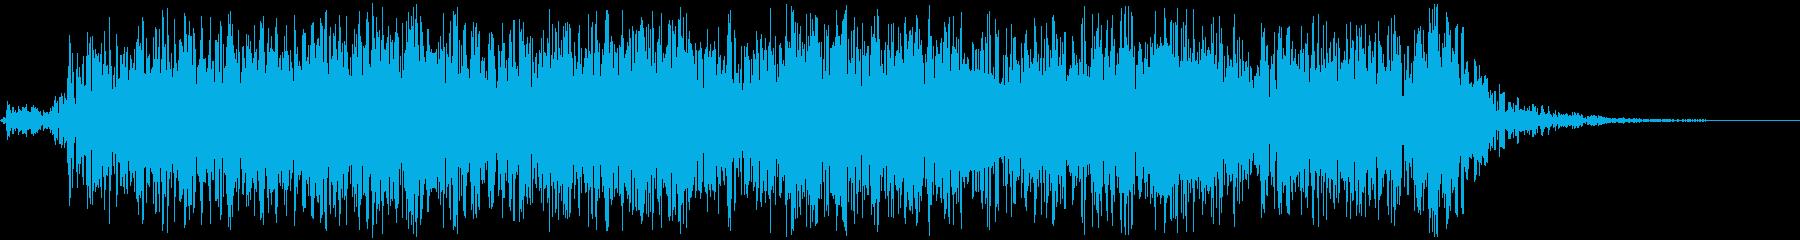 巨大なチェーン駆動のキャッスルドア...の再生済みの波形